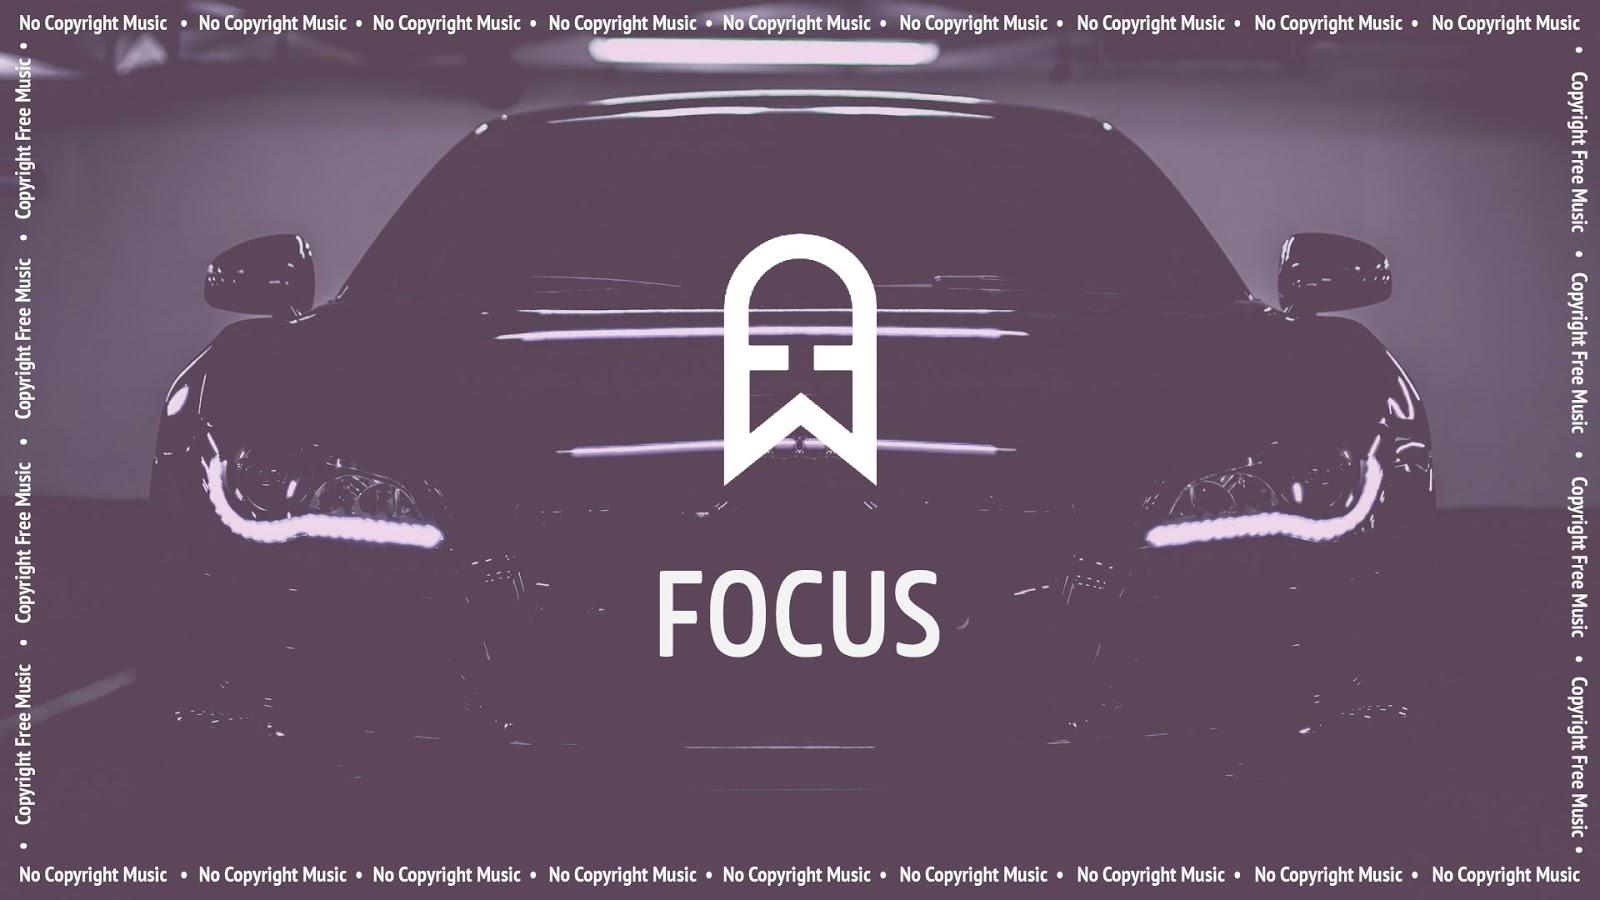 EcroDeron - Focus - No Copyright Music - Copyright Free Music - Vlog Music